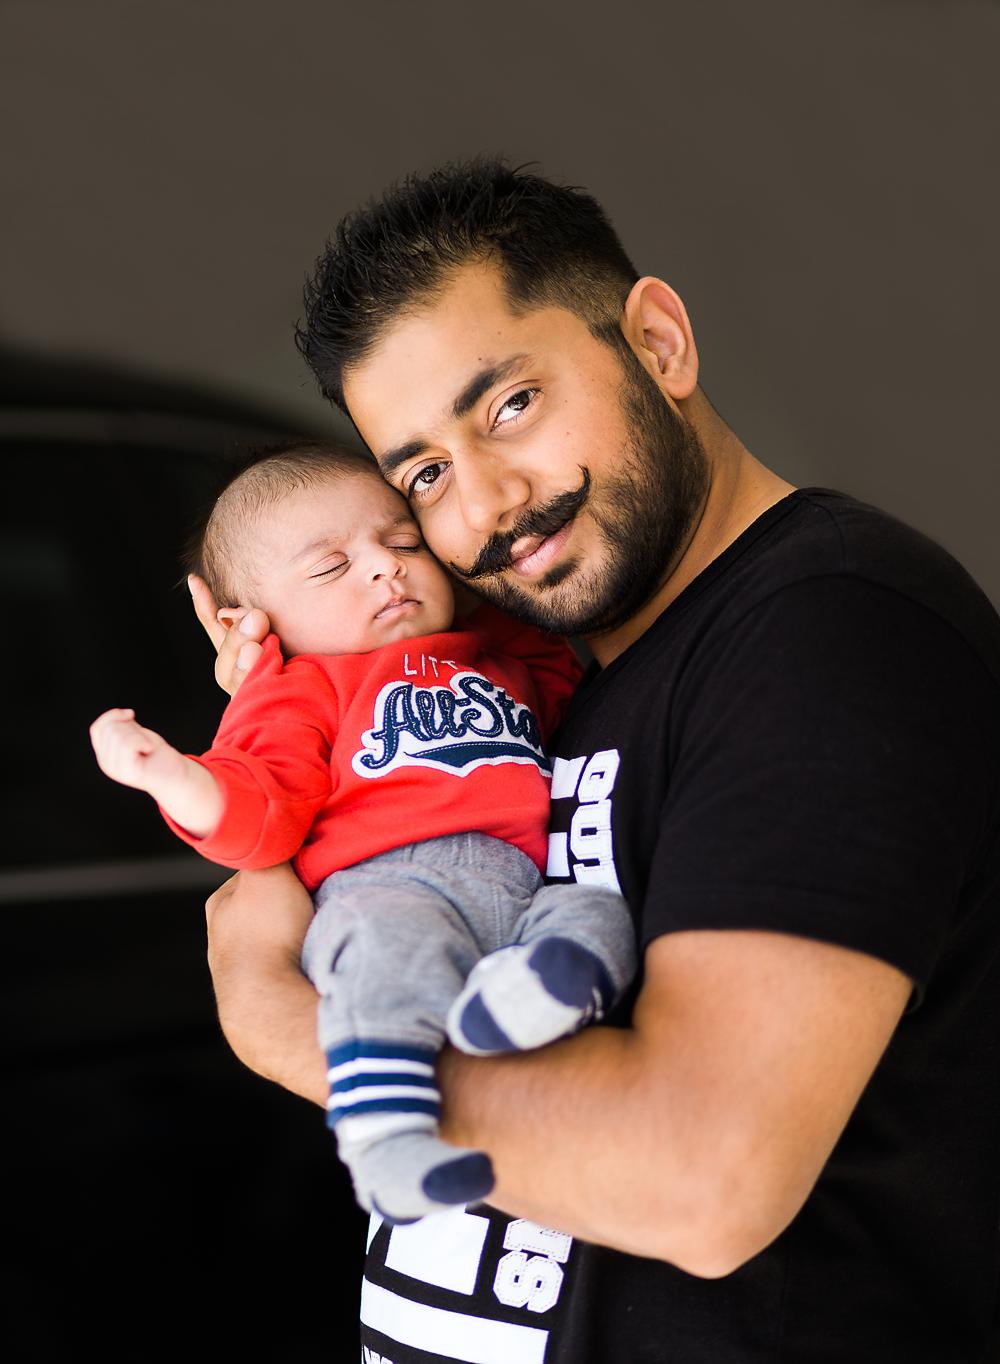 Chilliwack Newborn Documentary Family Photographer